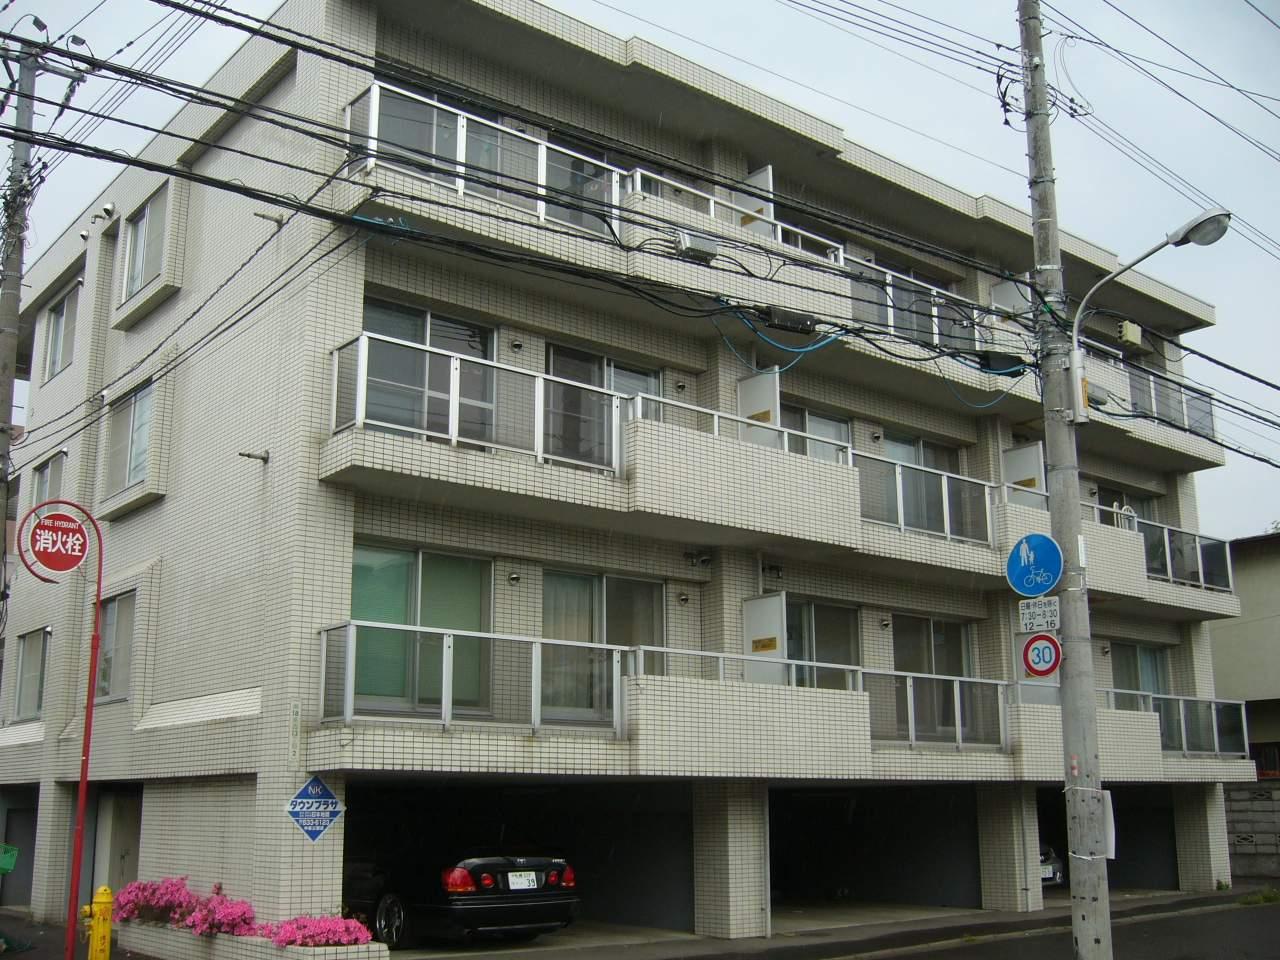 北海道札幌市中央区、西線16条駅徒歩6分の築27年 4階建の賃貸マンション